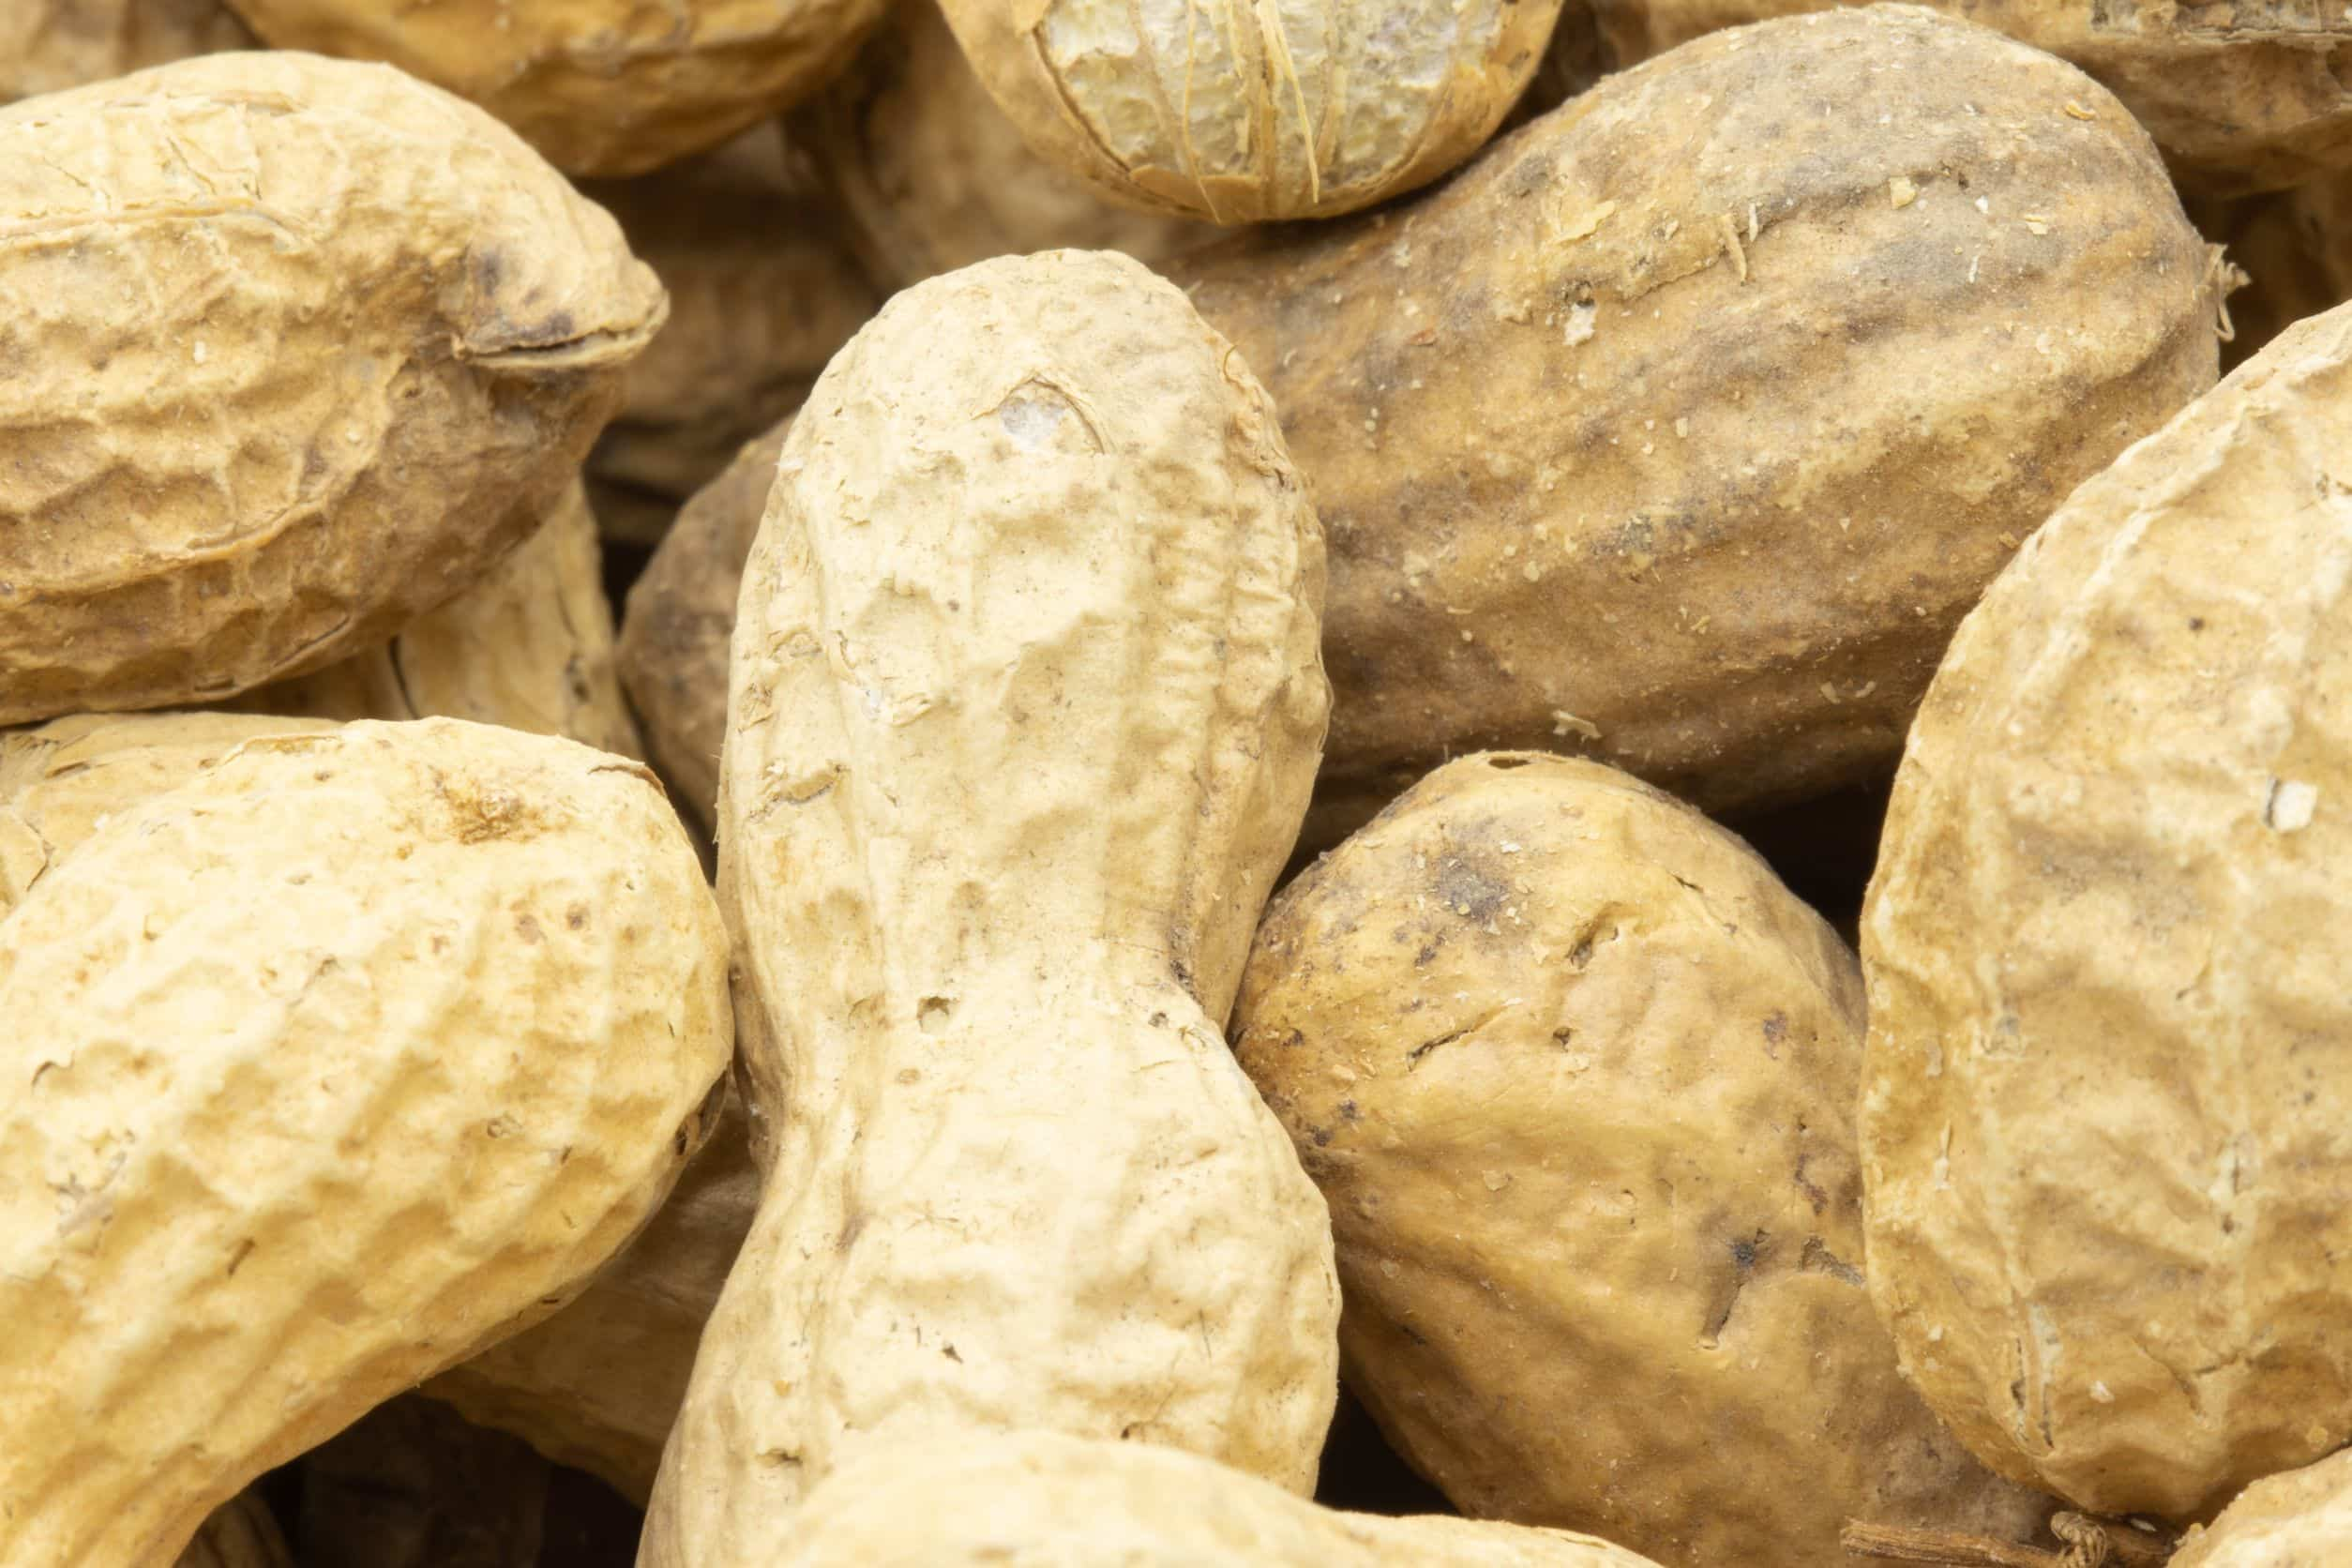 ハムスターはピーナッツや落花生を食べれるの?適量や注意点を紹介!